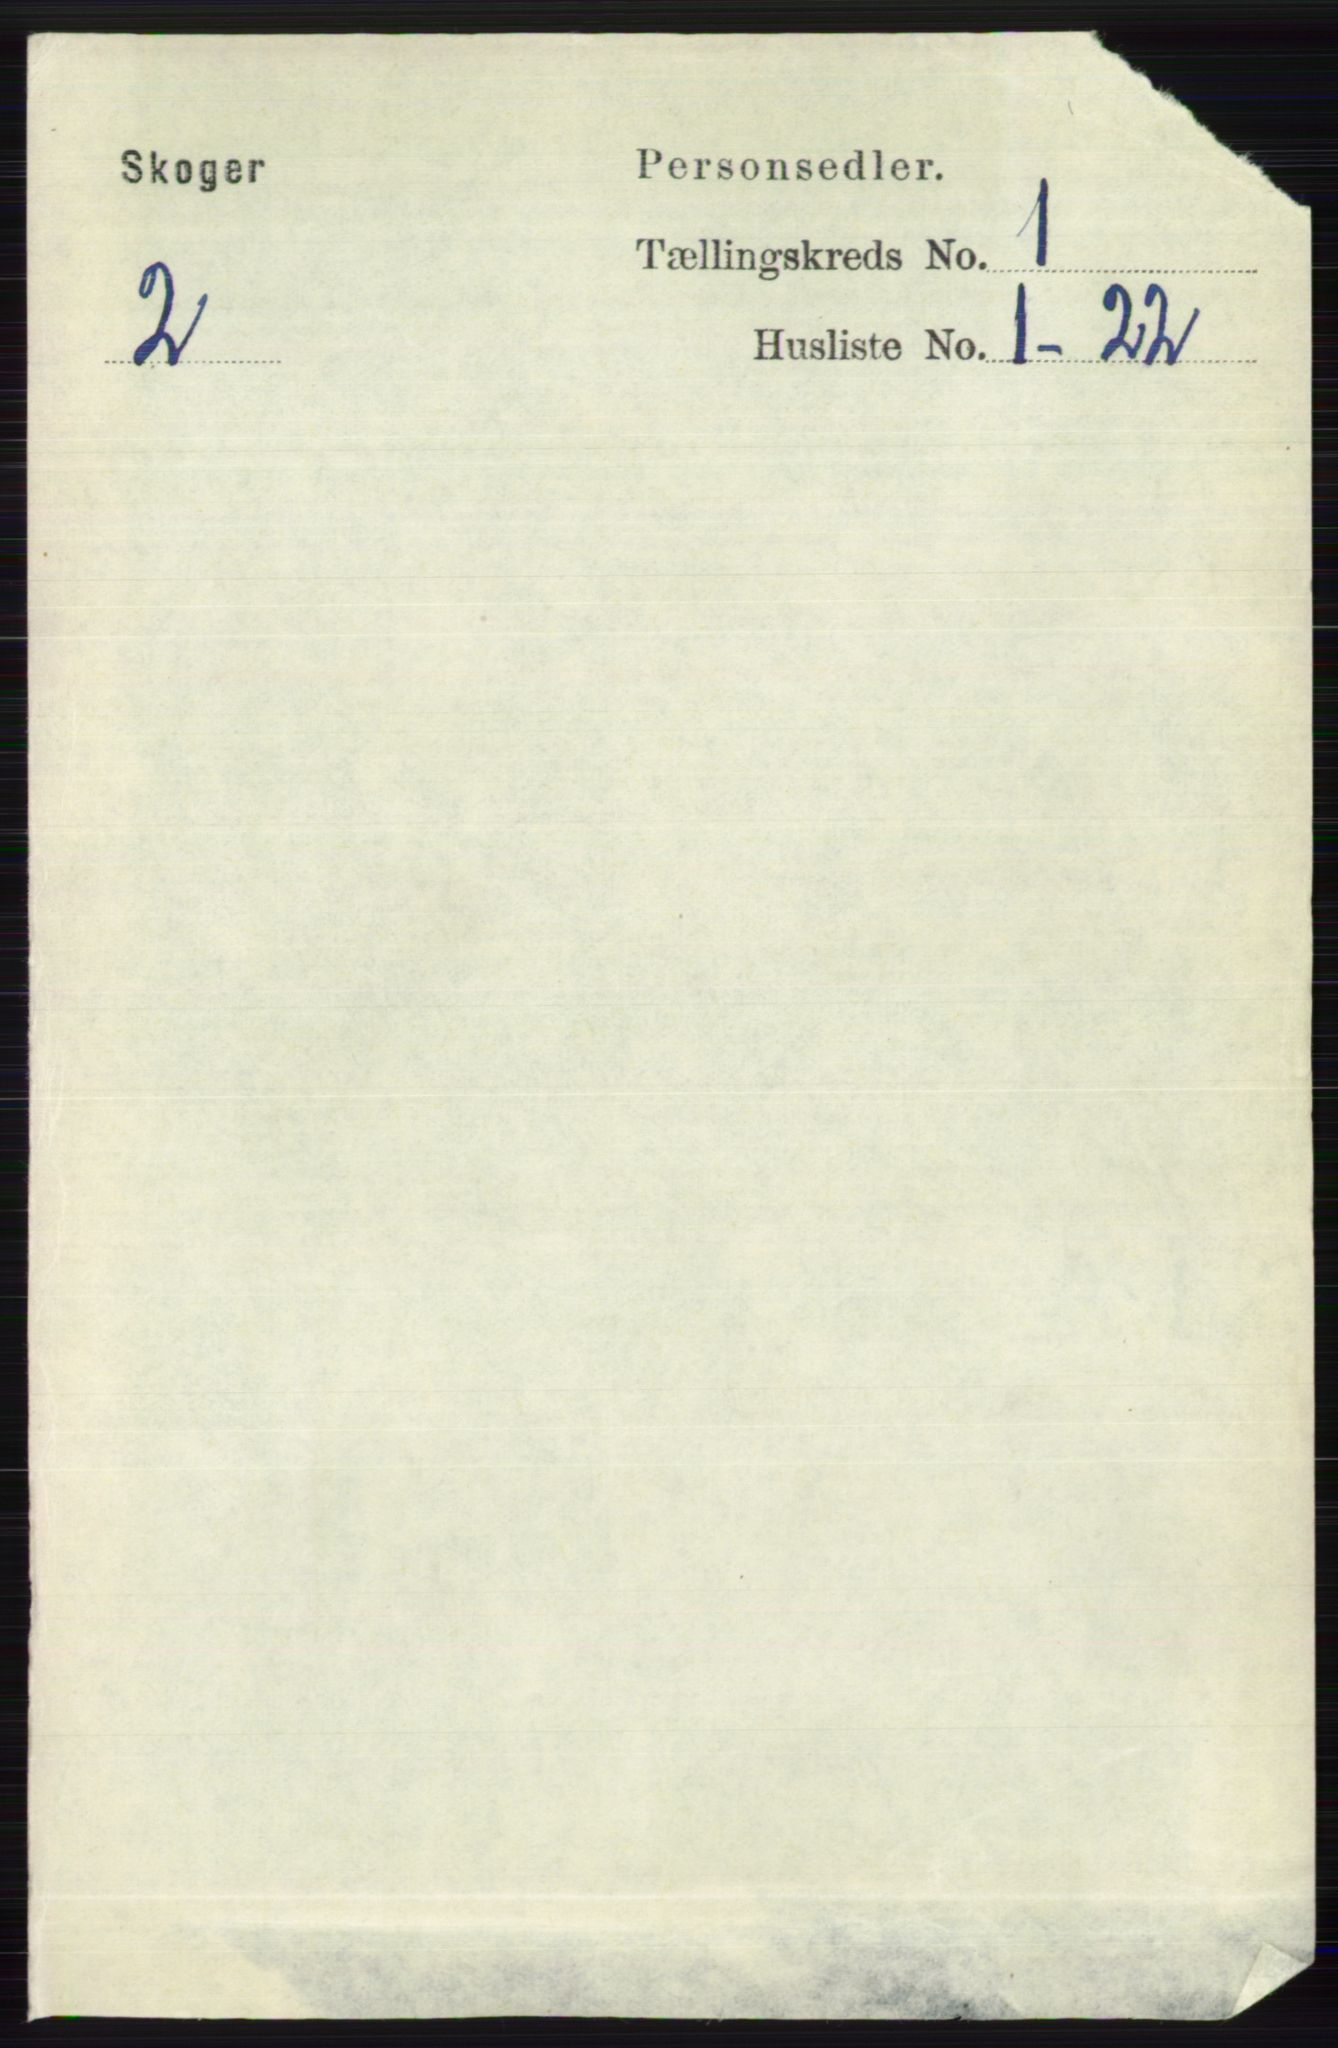 RA, Folketelling 1891 for 0712 Skoger herred, 1891, s. 95